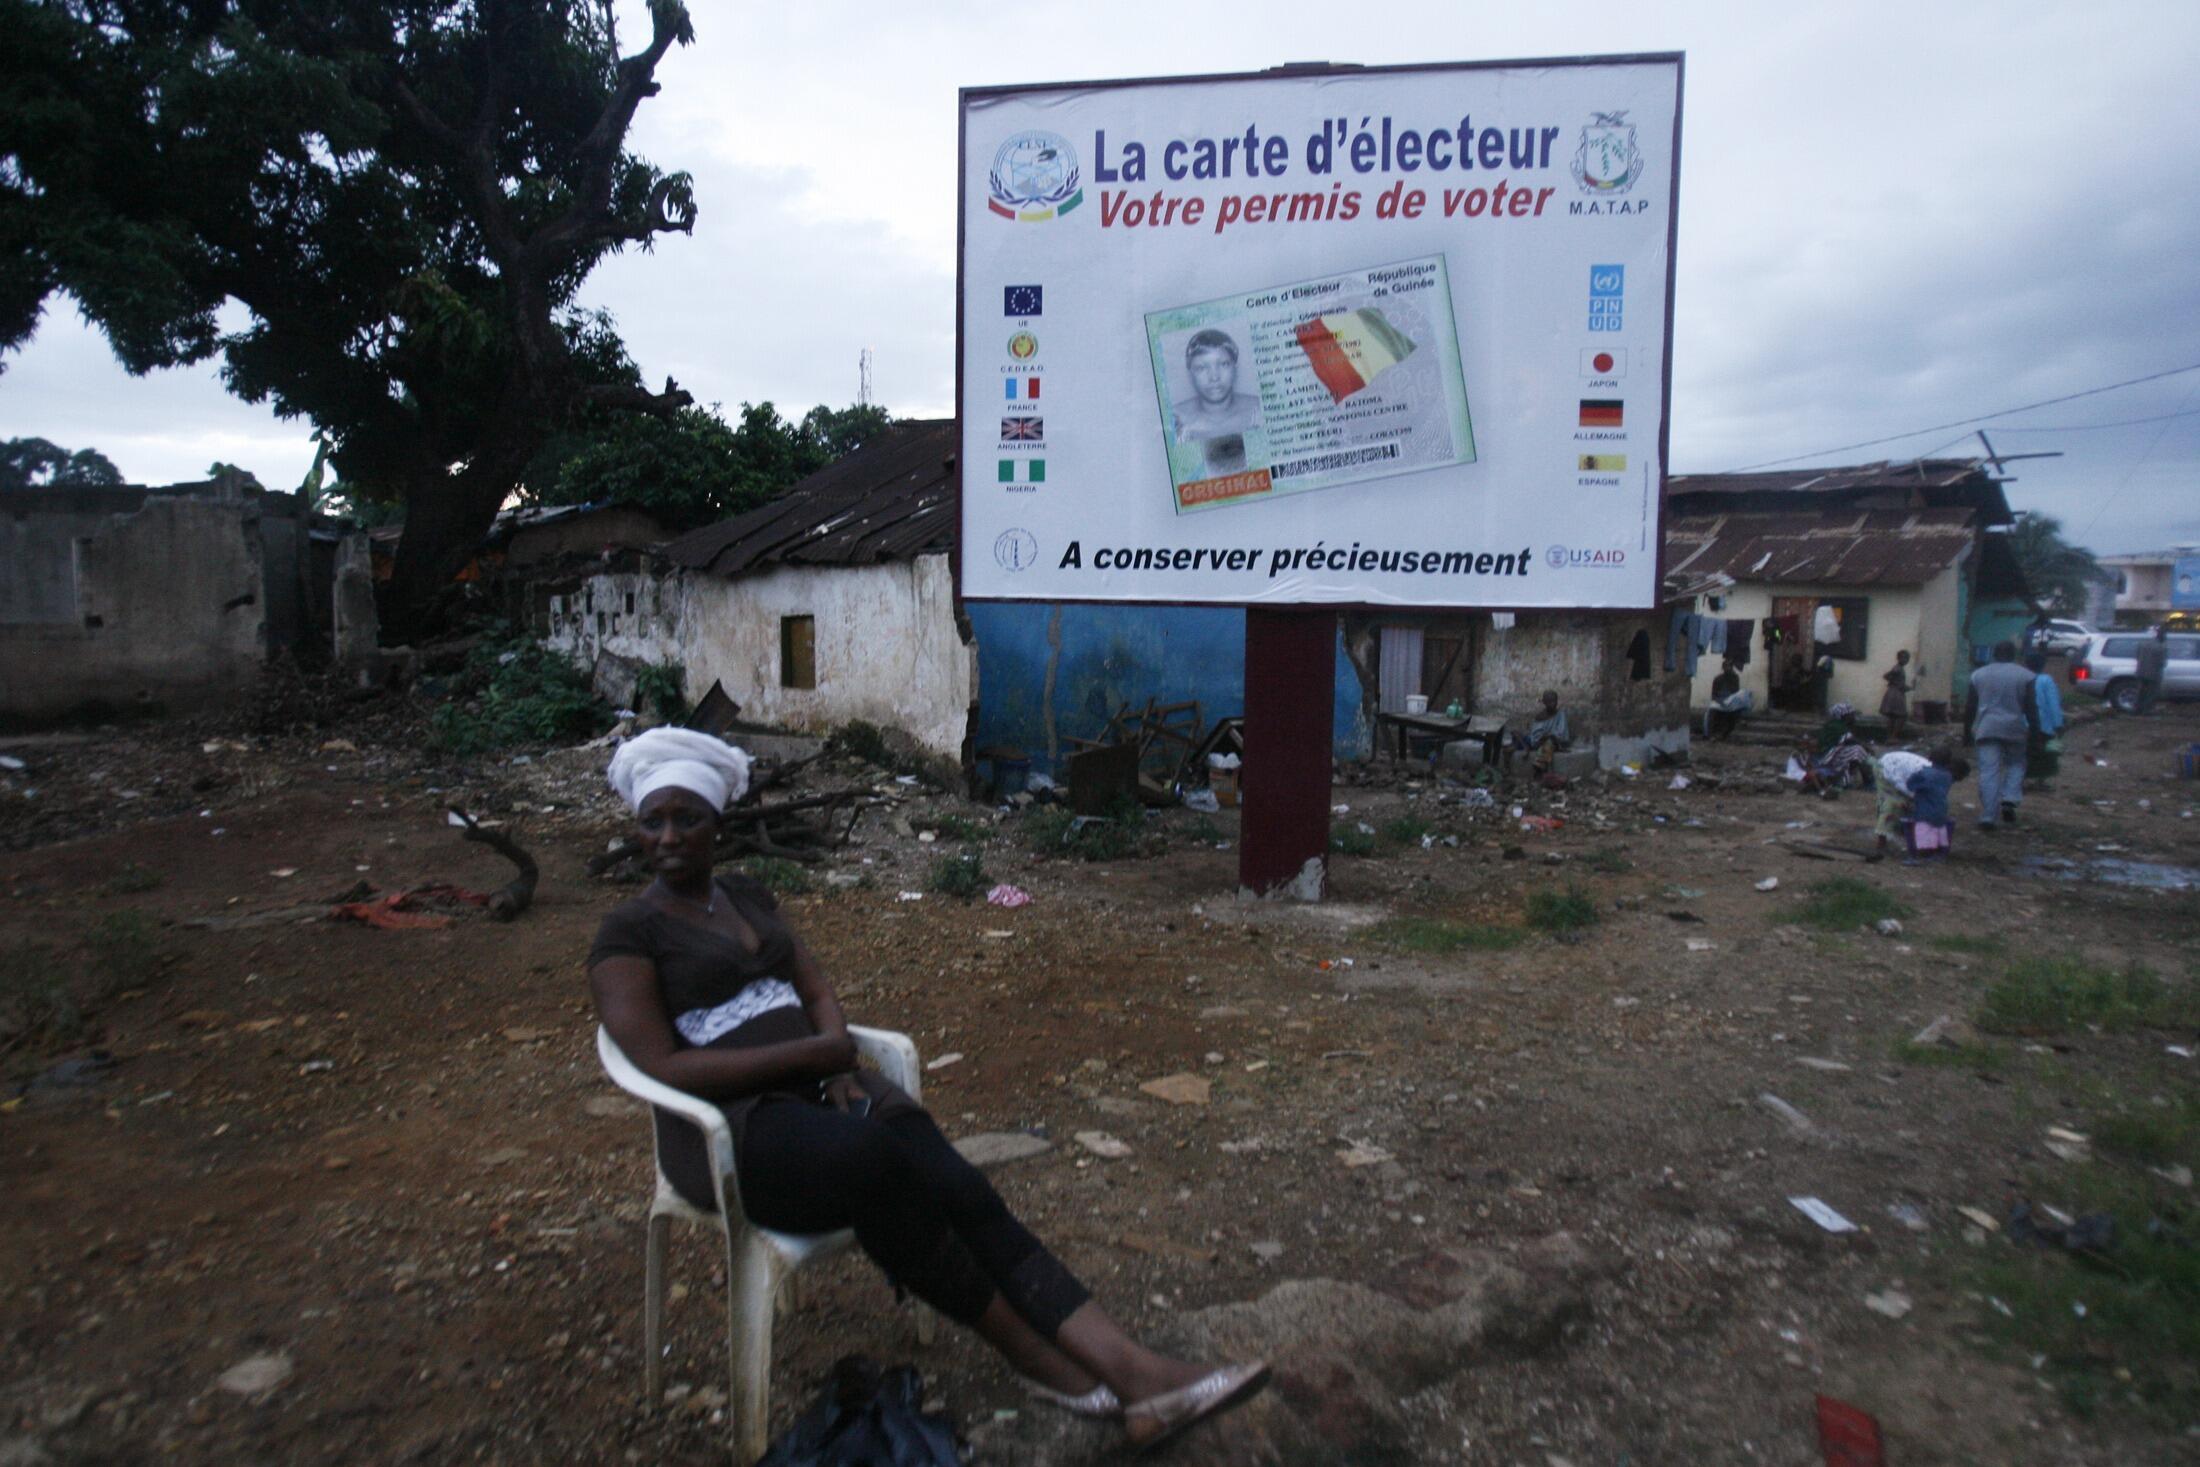 «La carte d'électeur : votre permis de voter» peut-on lire sur un panneau publicitaire à Conakry.